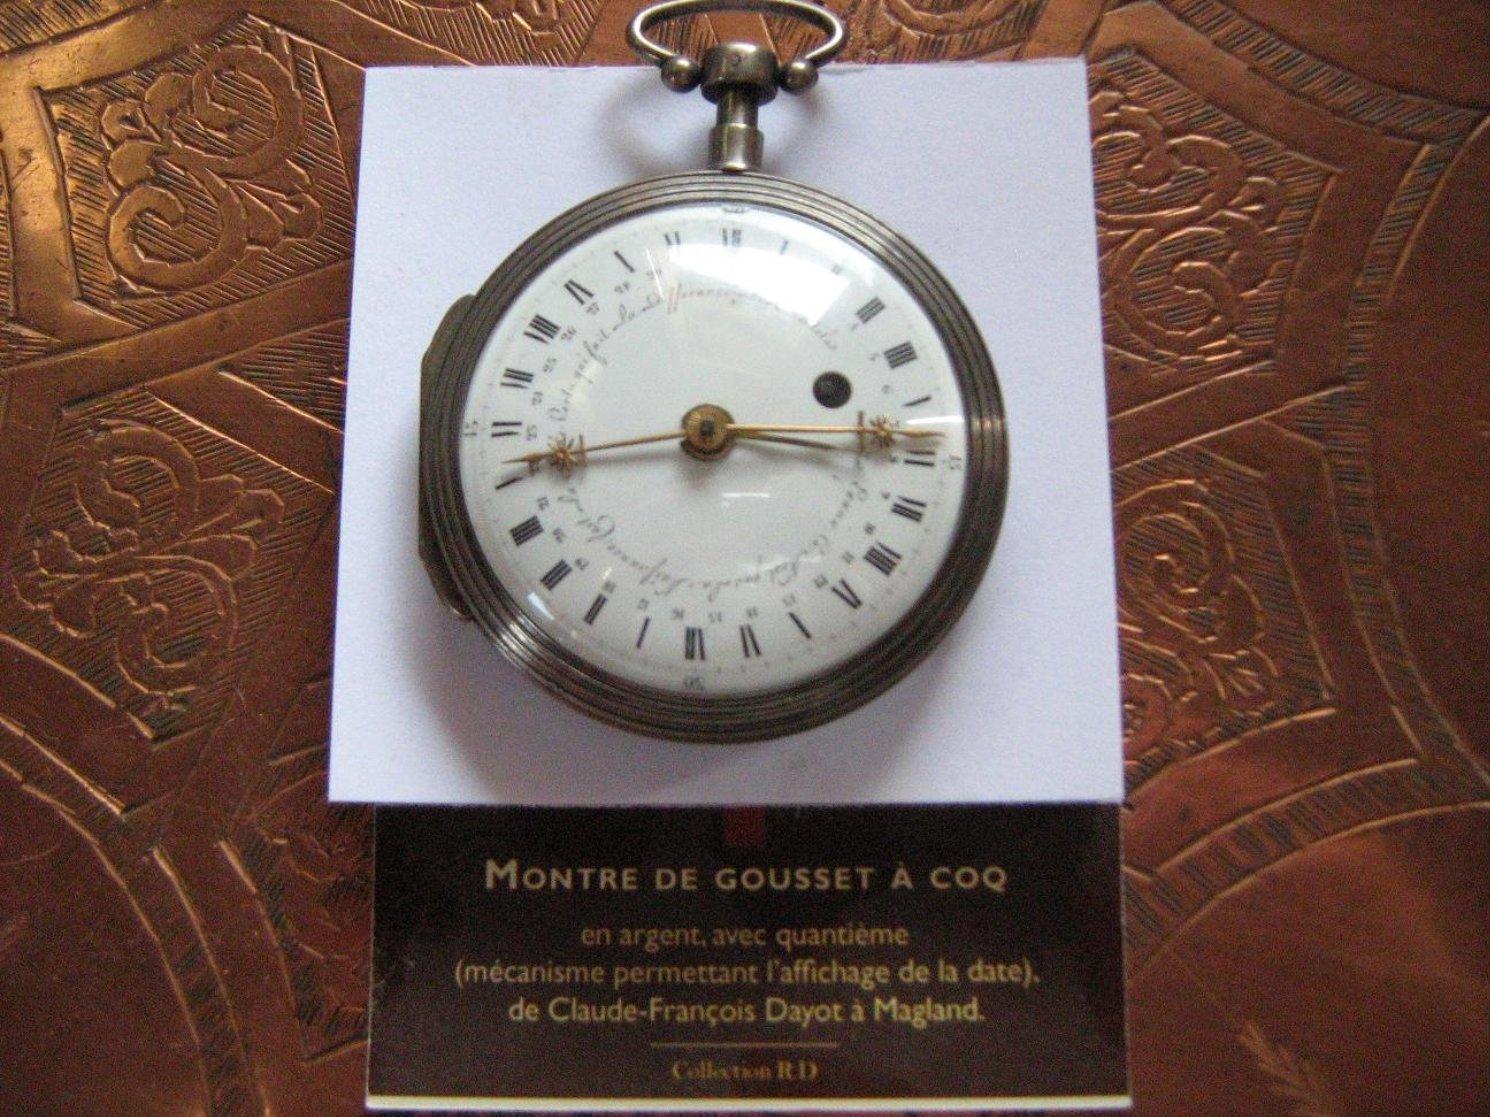 Montre a gousset a coq,donne les quantièmes du mois sur 31 jours, tour de cadran en 24 heures,boitier en argent, fabrication période Napoléon 1°